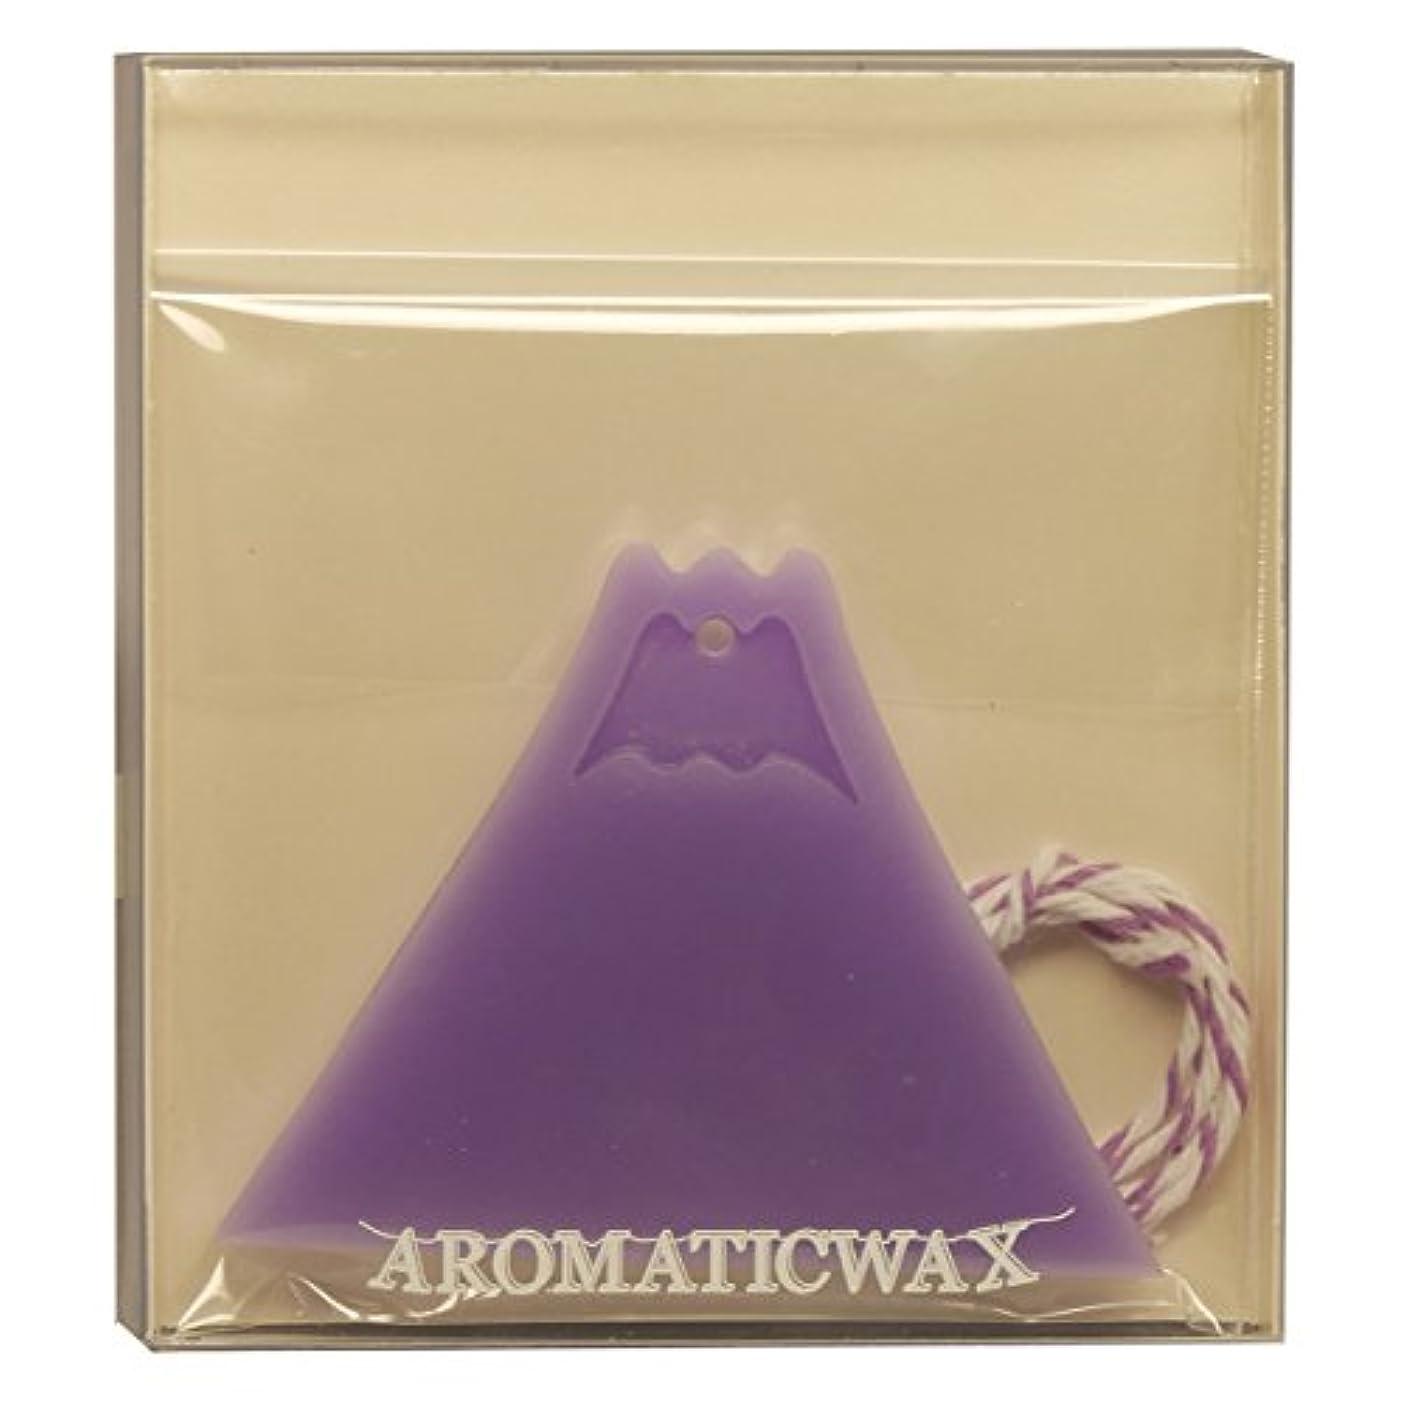 寛大な現金花輪GRASSE TOKYO AROMATICWAXチャーム「富士山」(PU) ラベンダー アロマティックワックス グラーストウキョウ